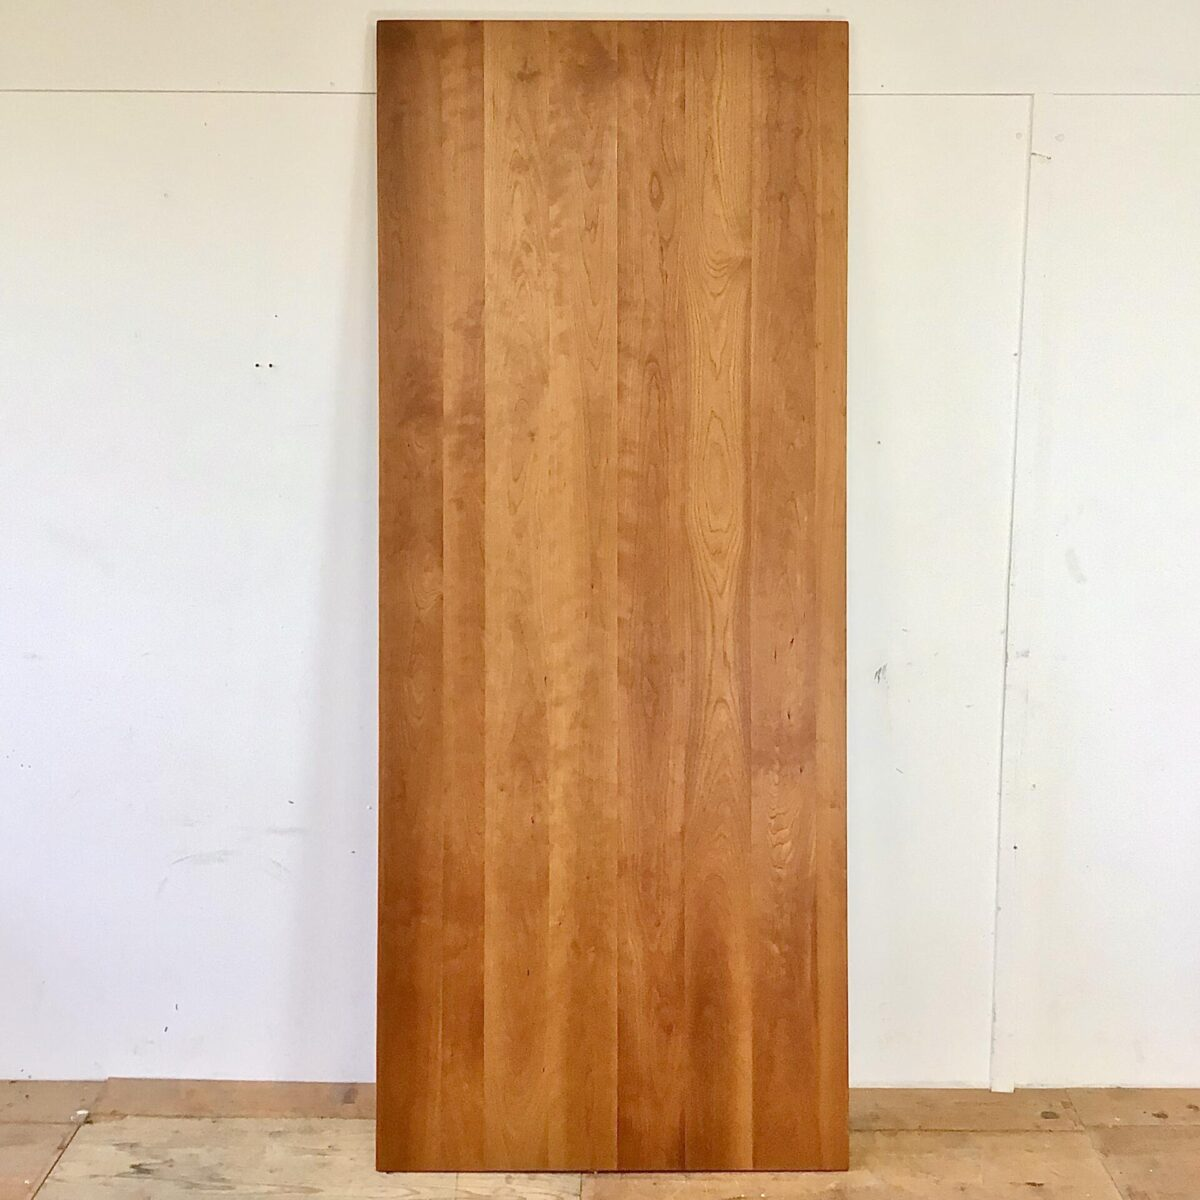 Feingliedriger Esstisch aus Kirschbaum Vollholz. 220x90cm Höhe 76cm. Dieser klassische Holztisch ist ca. 20 jährig und wurde im Biedermeier Stil nachproduziert. Der Tisch ist frisch aufbereitet und mit Naturöl behandelt. Es finden 8-10 Personen daran Platz.